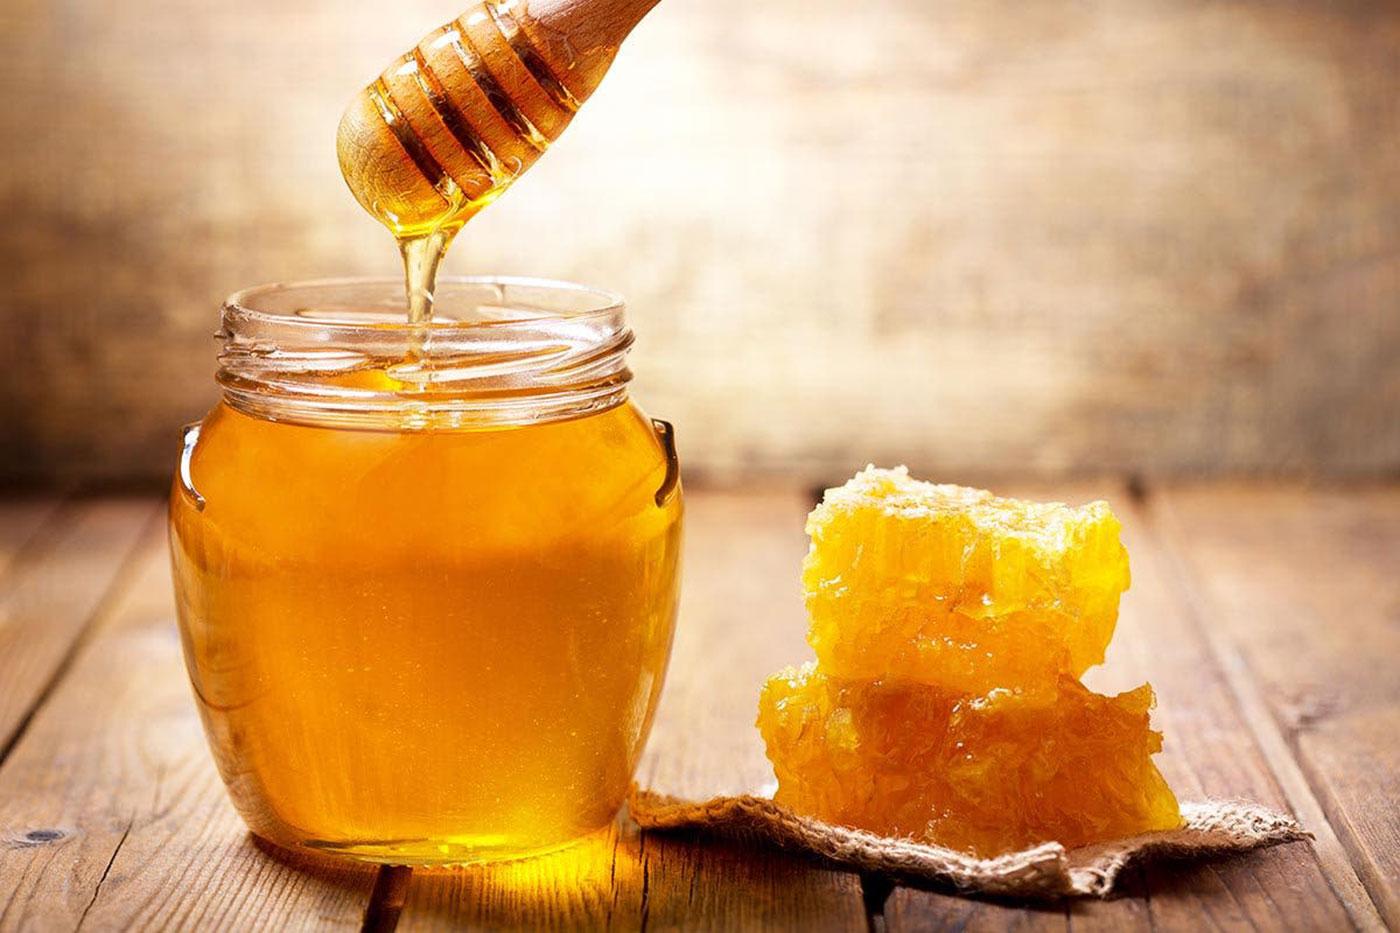 السعرات الحرارية في العسل الأبيض